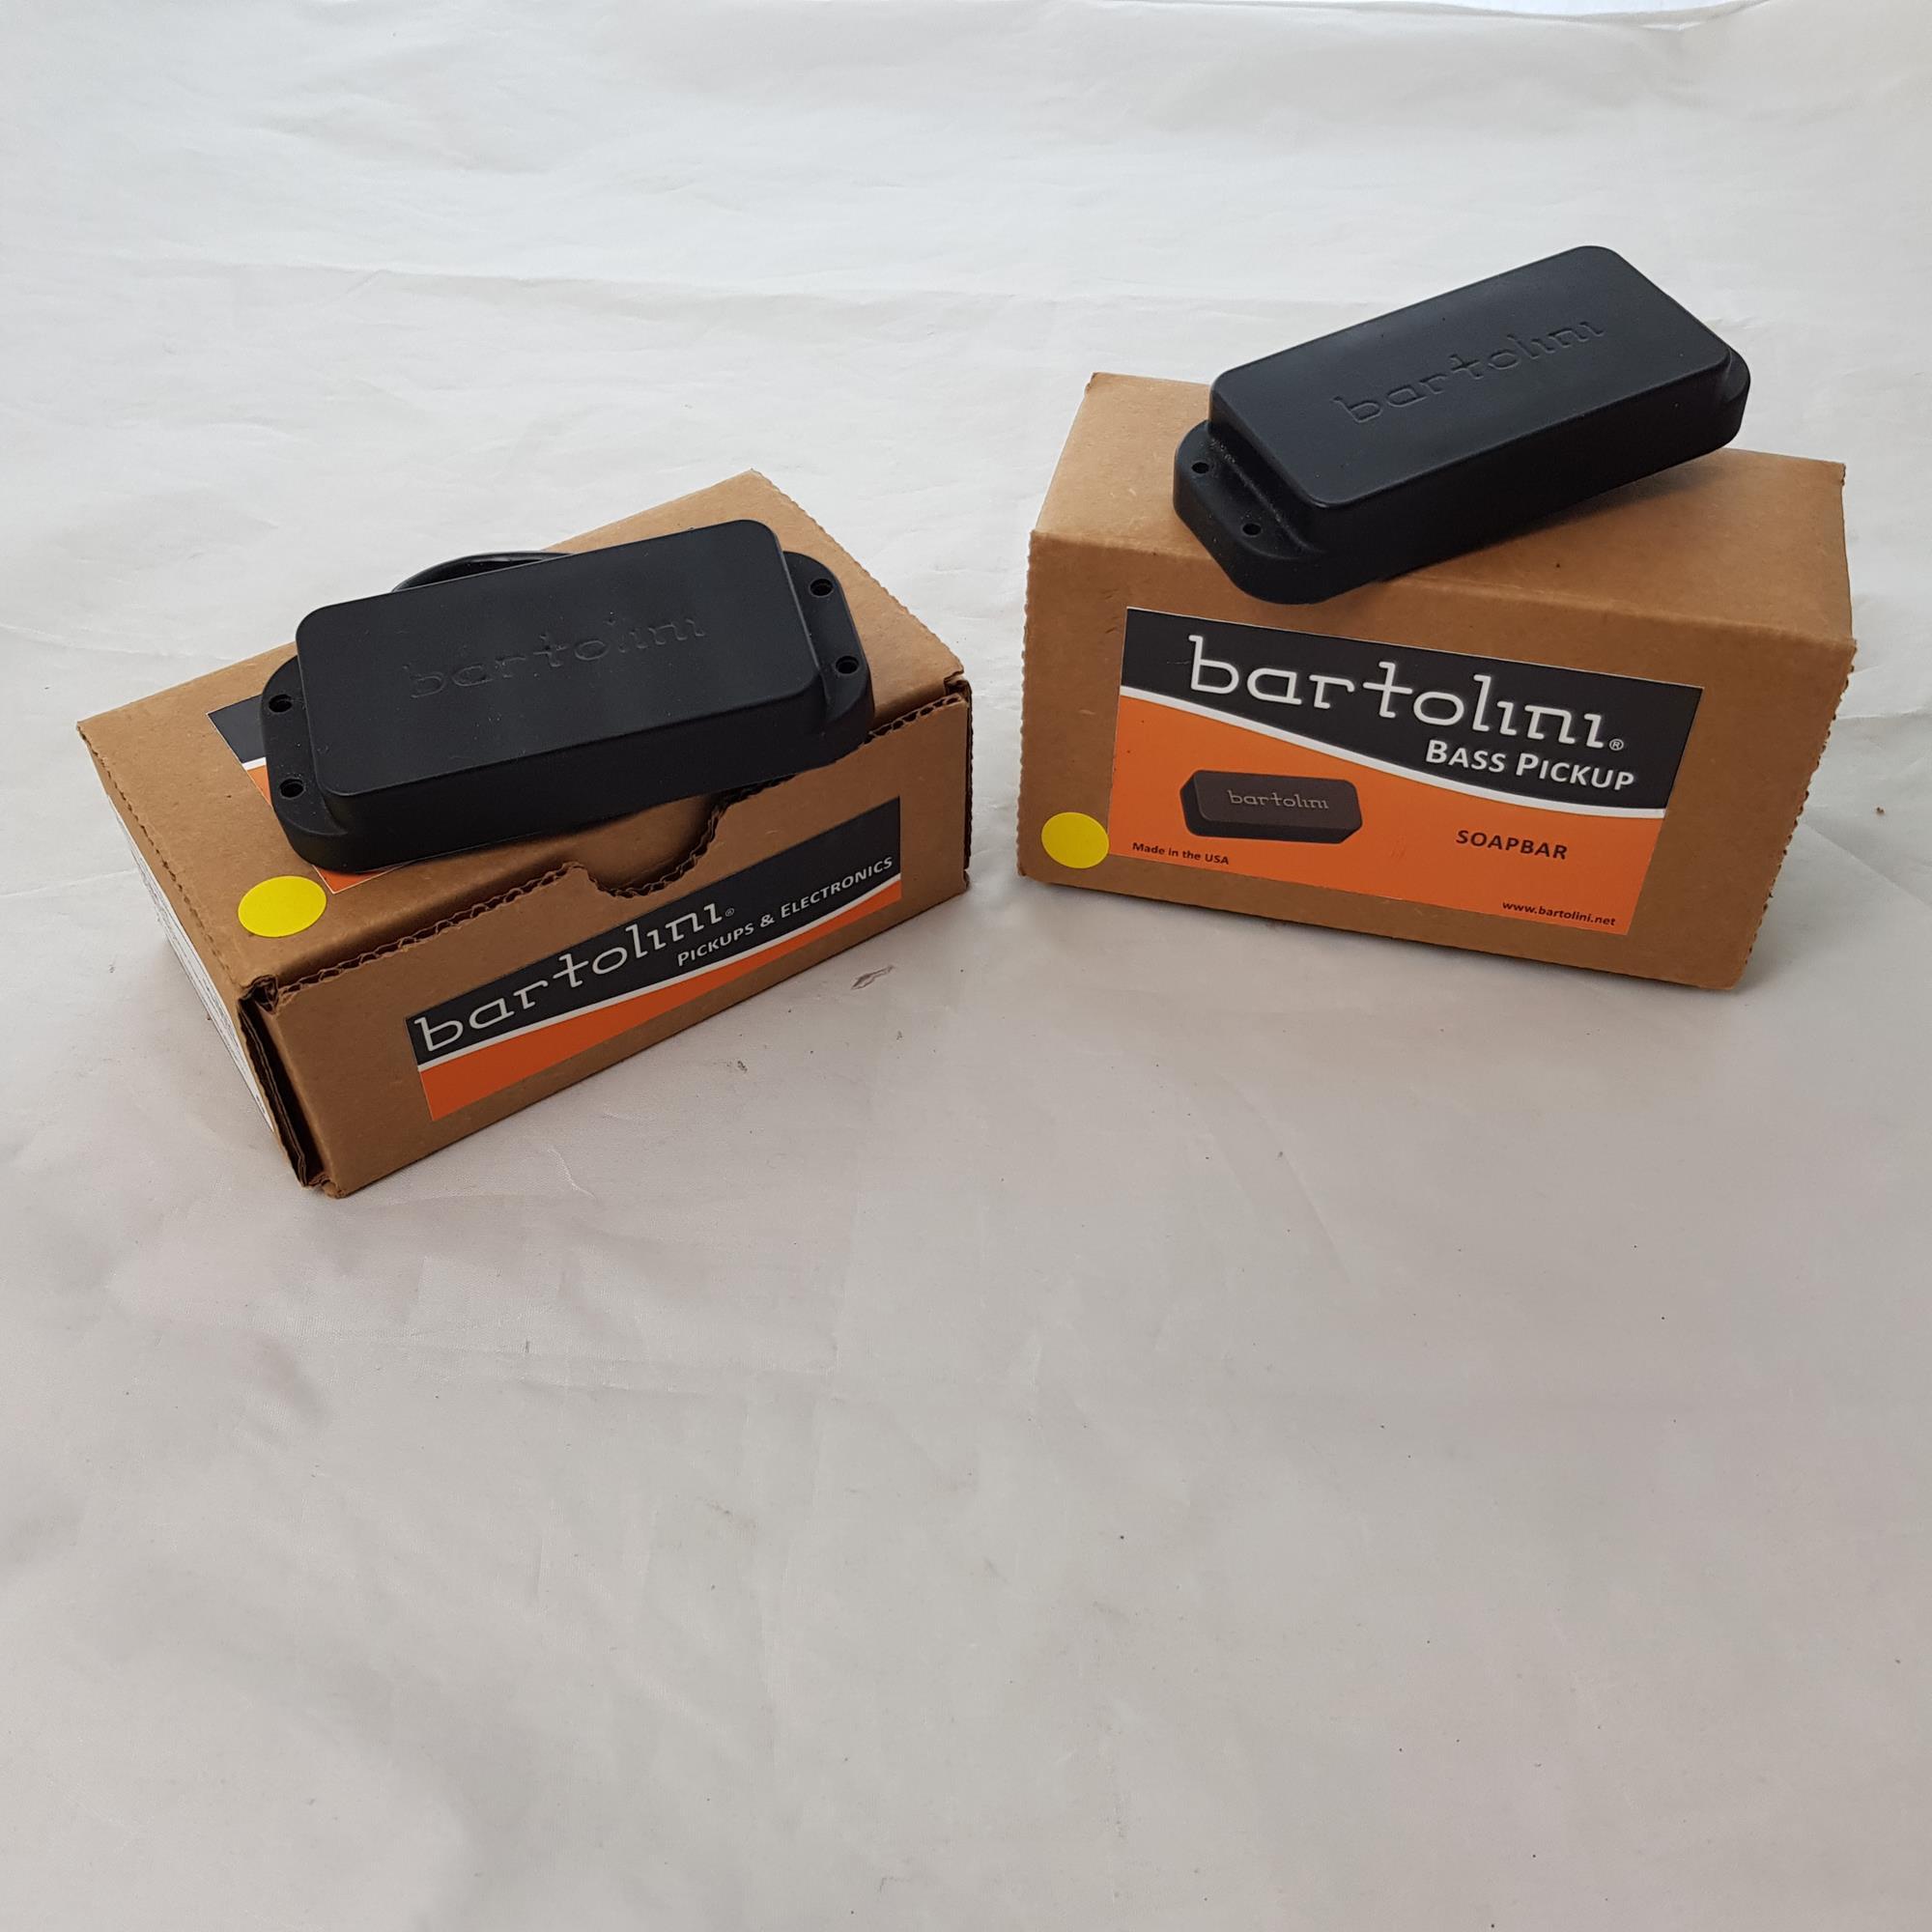 BARTOLINI-BASS-SOAPBAR-PAIR-W4CBC-T-W4CBC-B-sku-1624715051890